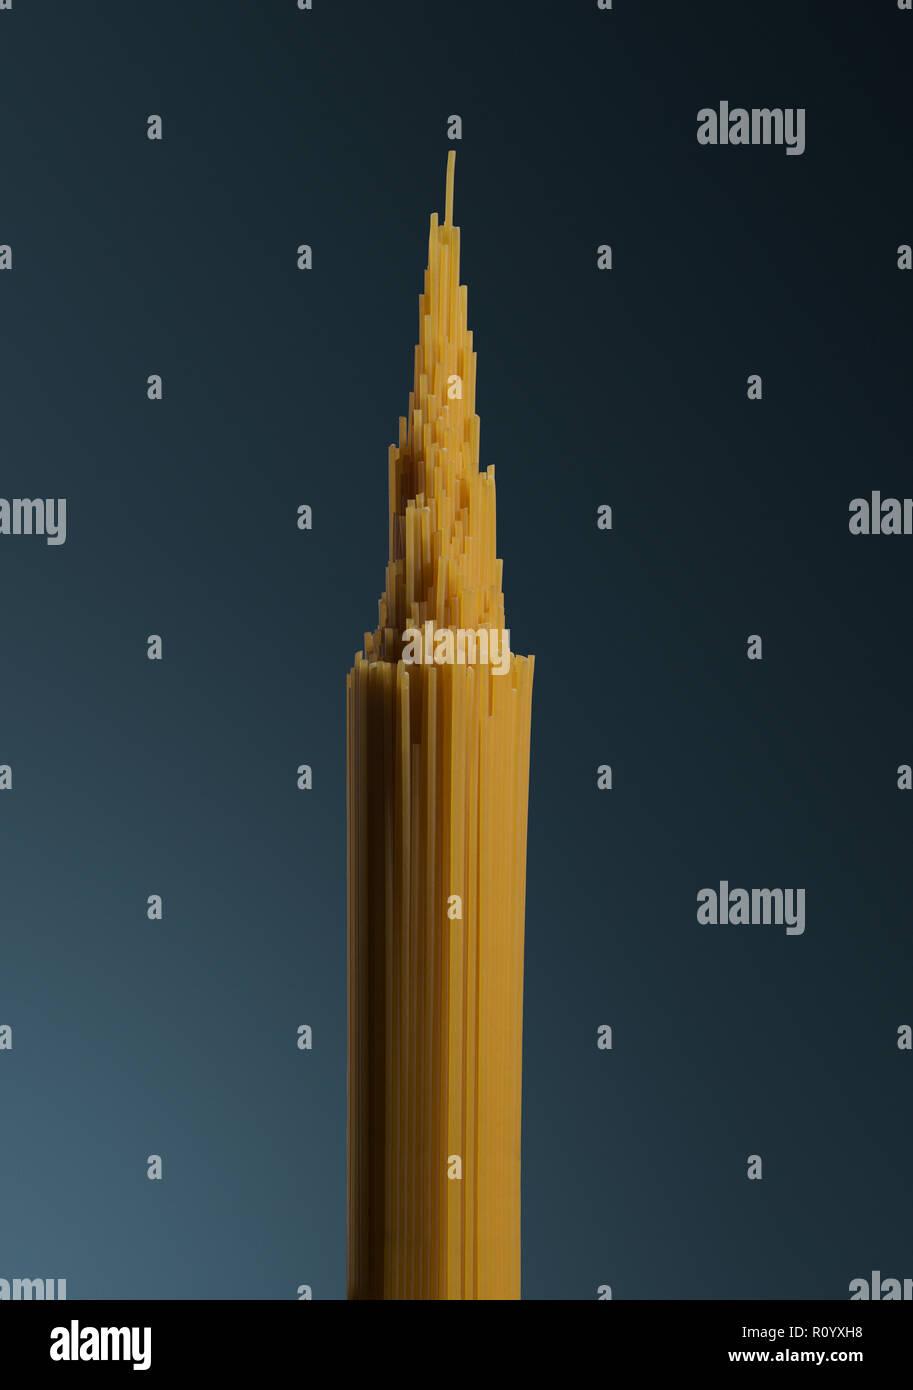 Bündel von rohen ungekochten Spaghetti als spitzen Turm Struktur geprägt, Empire State Building Stockbild